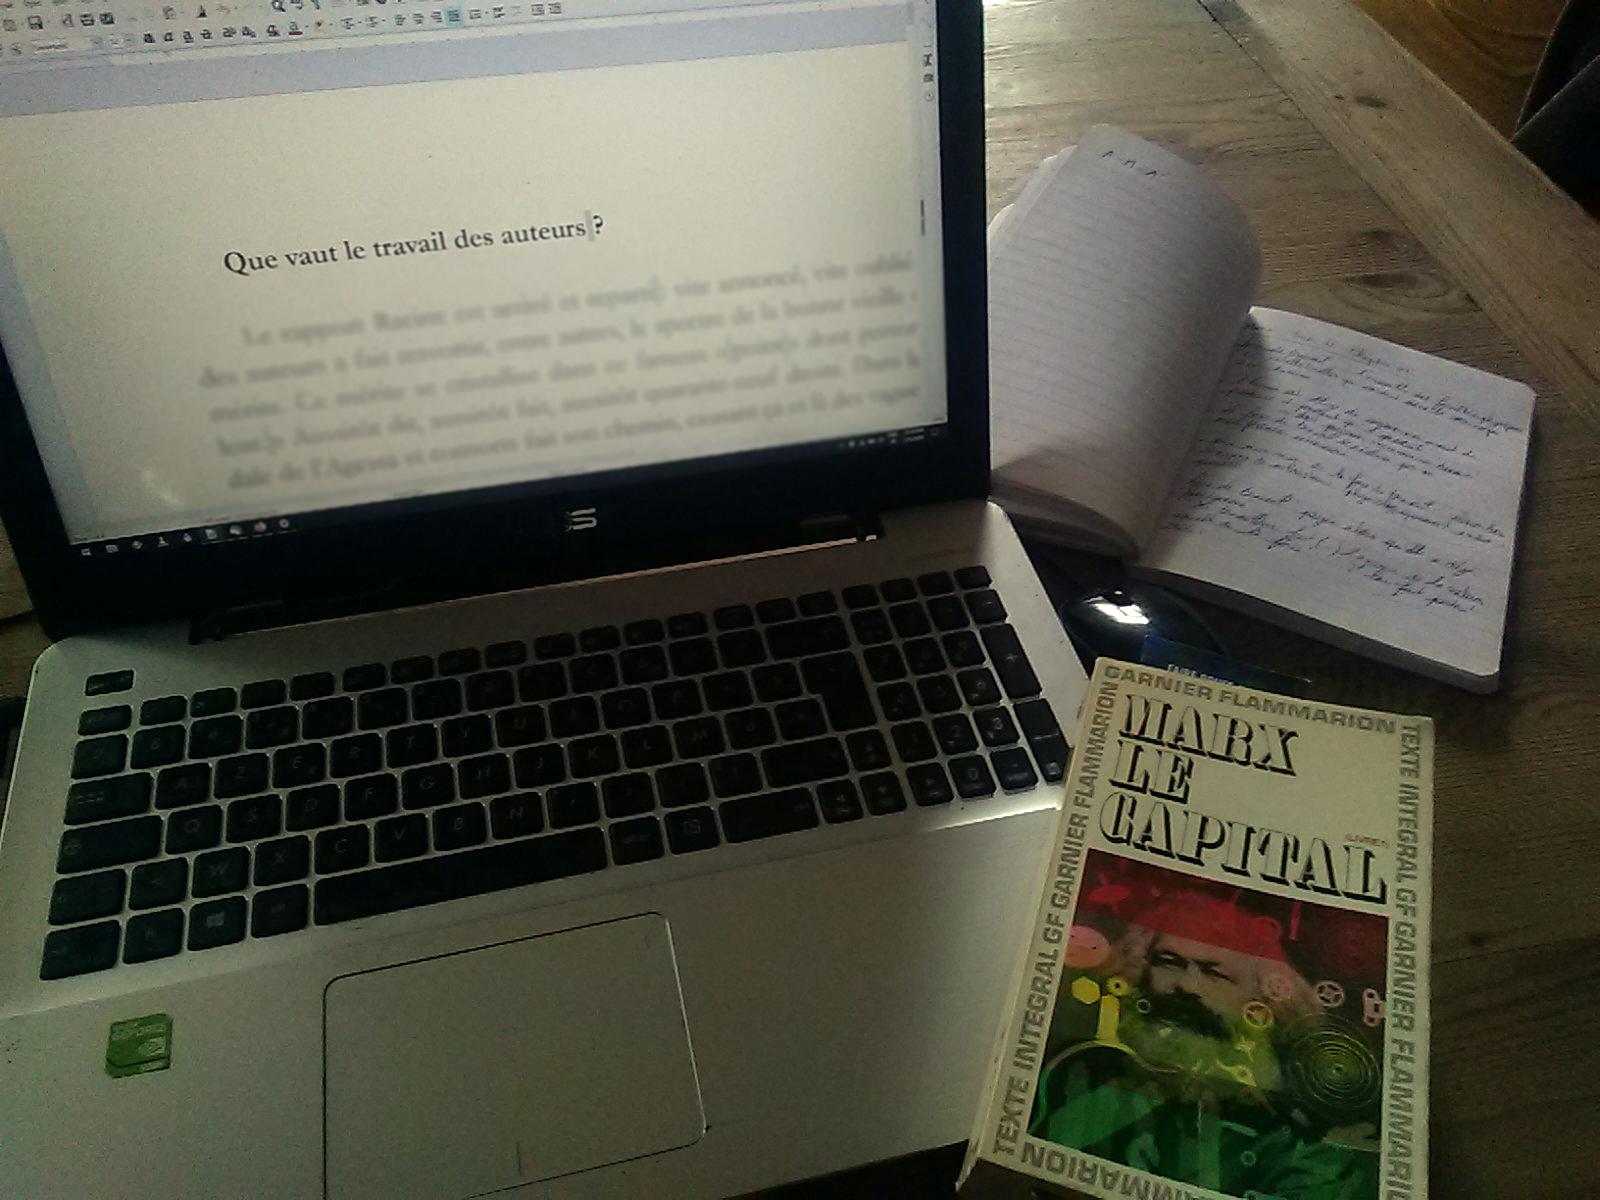 Que vaut le travail des auteurs ?